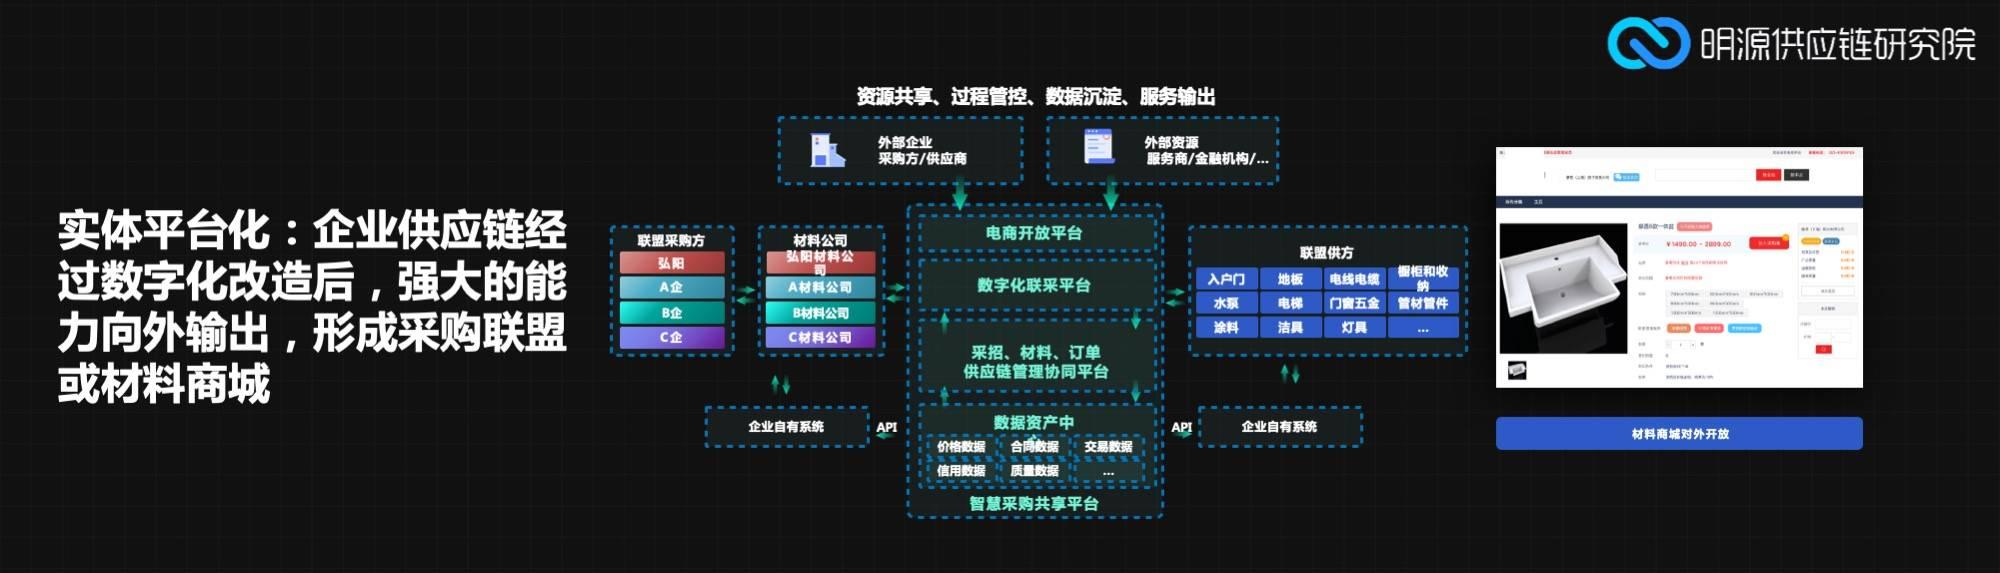 供应链平台数字化.jpg